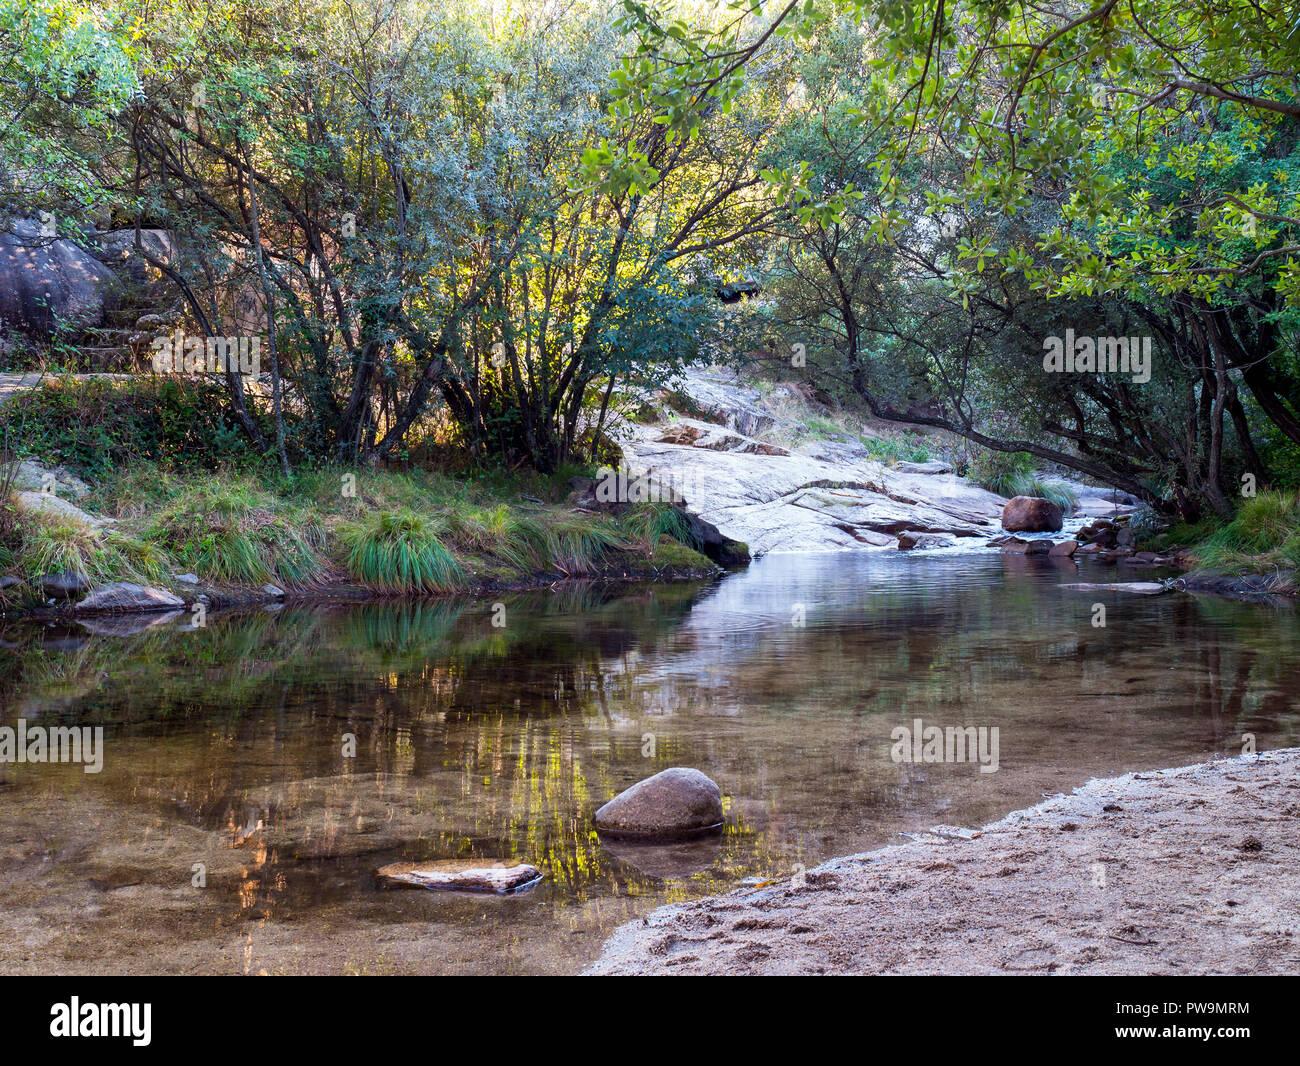 La Pedriza. Manzanares el Real. Sierra de Guadarrama. Madrid. España Stock Photo